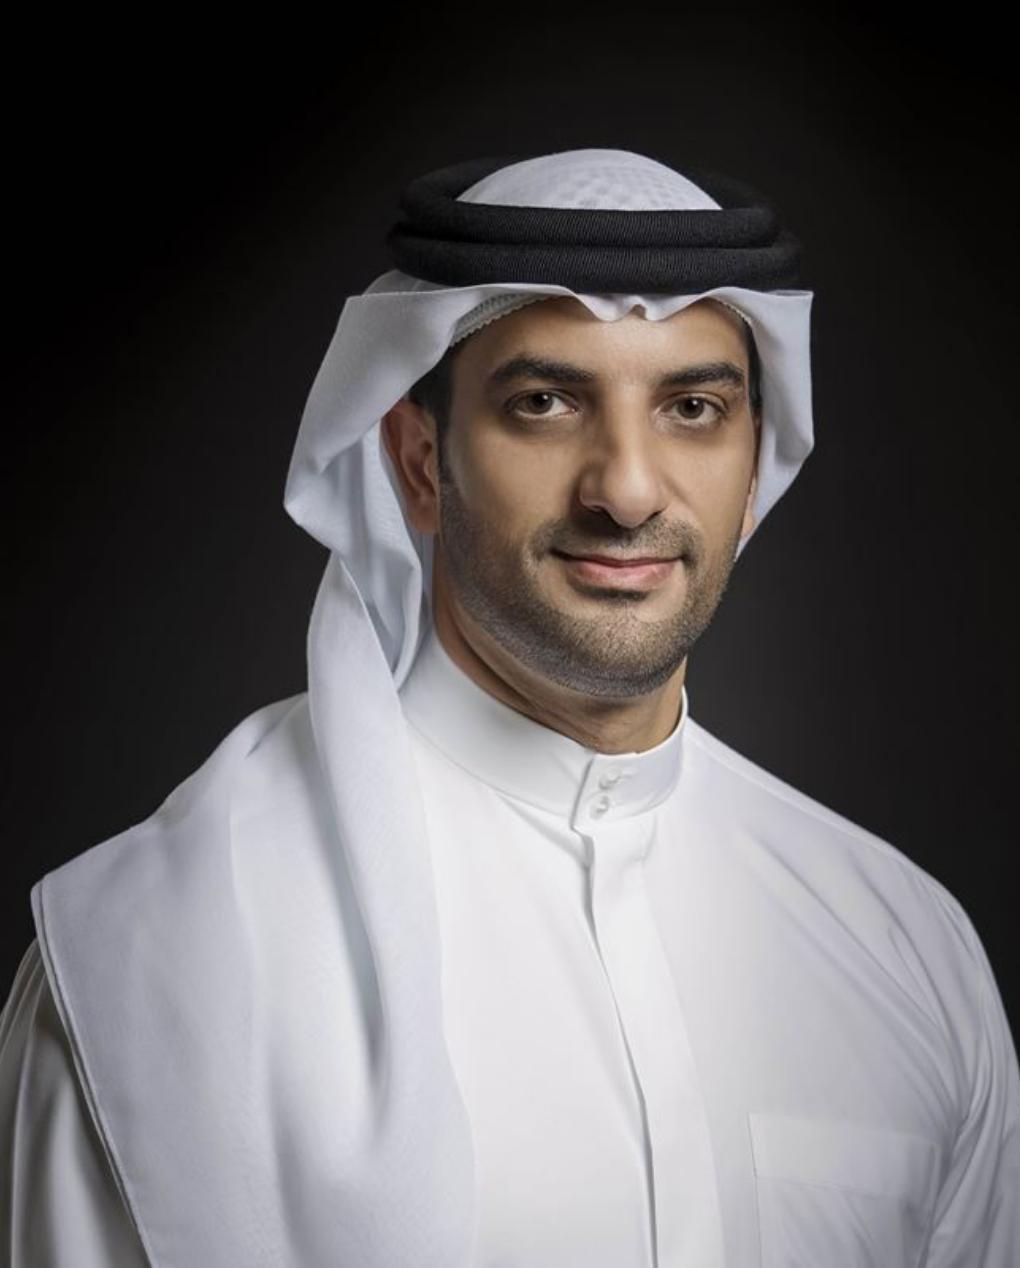 Chairman Basma Group